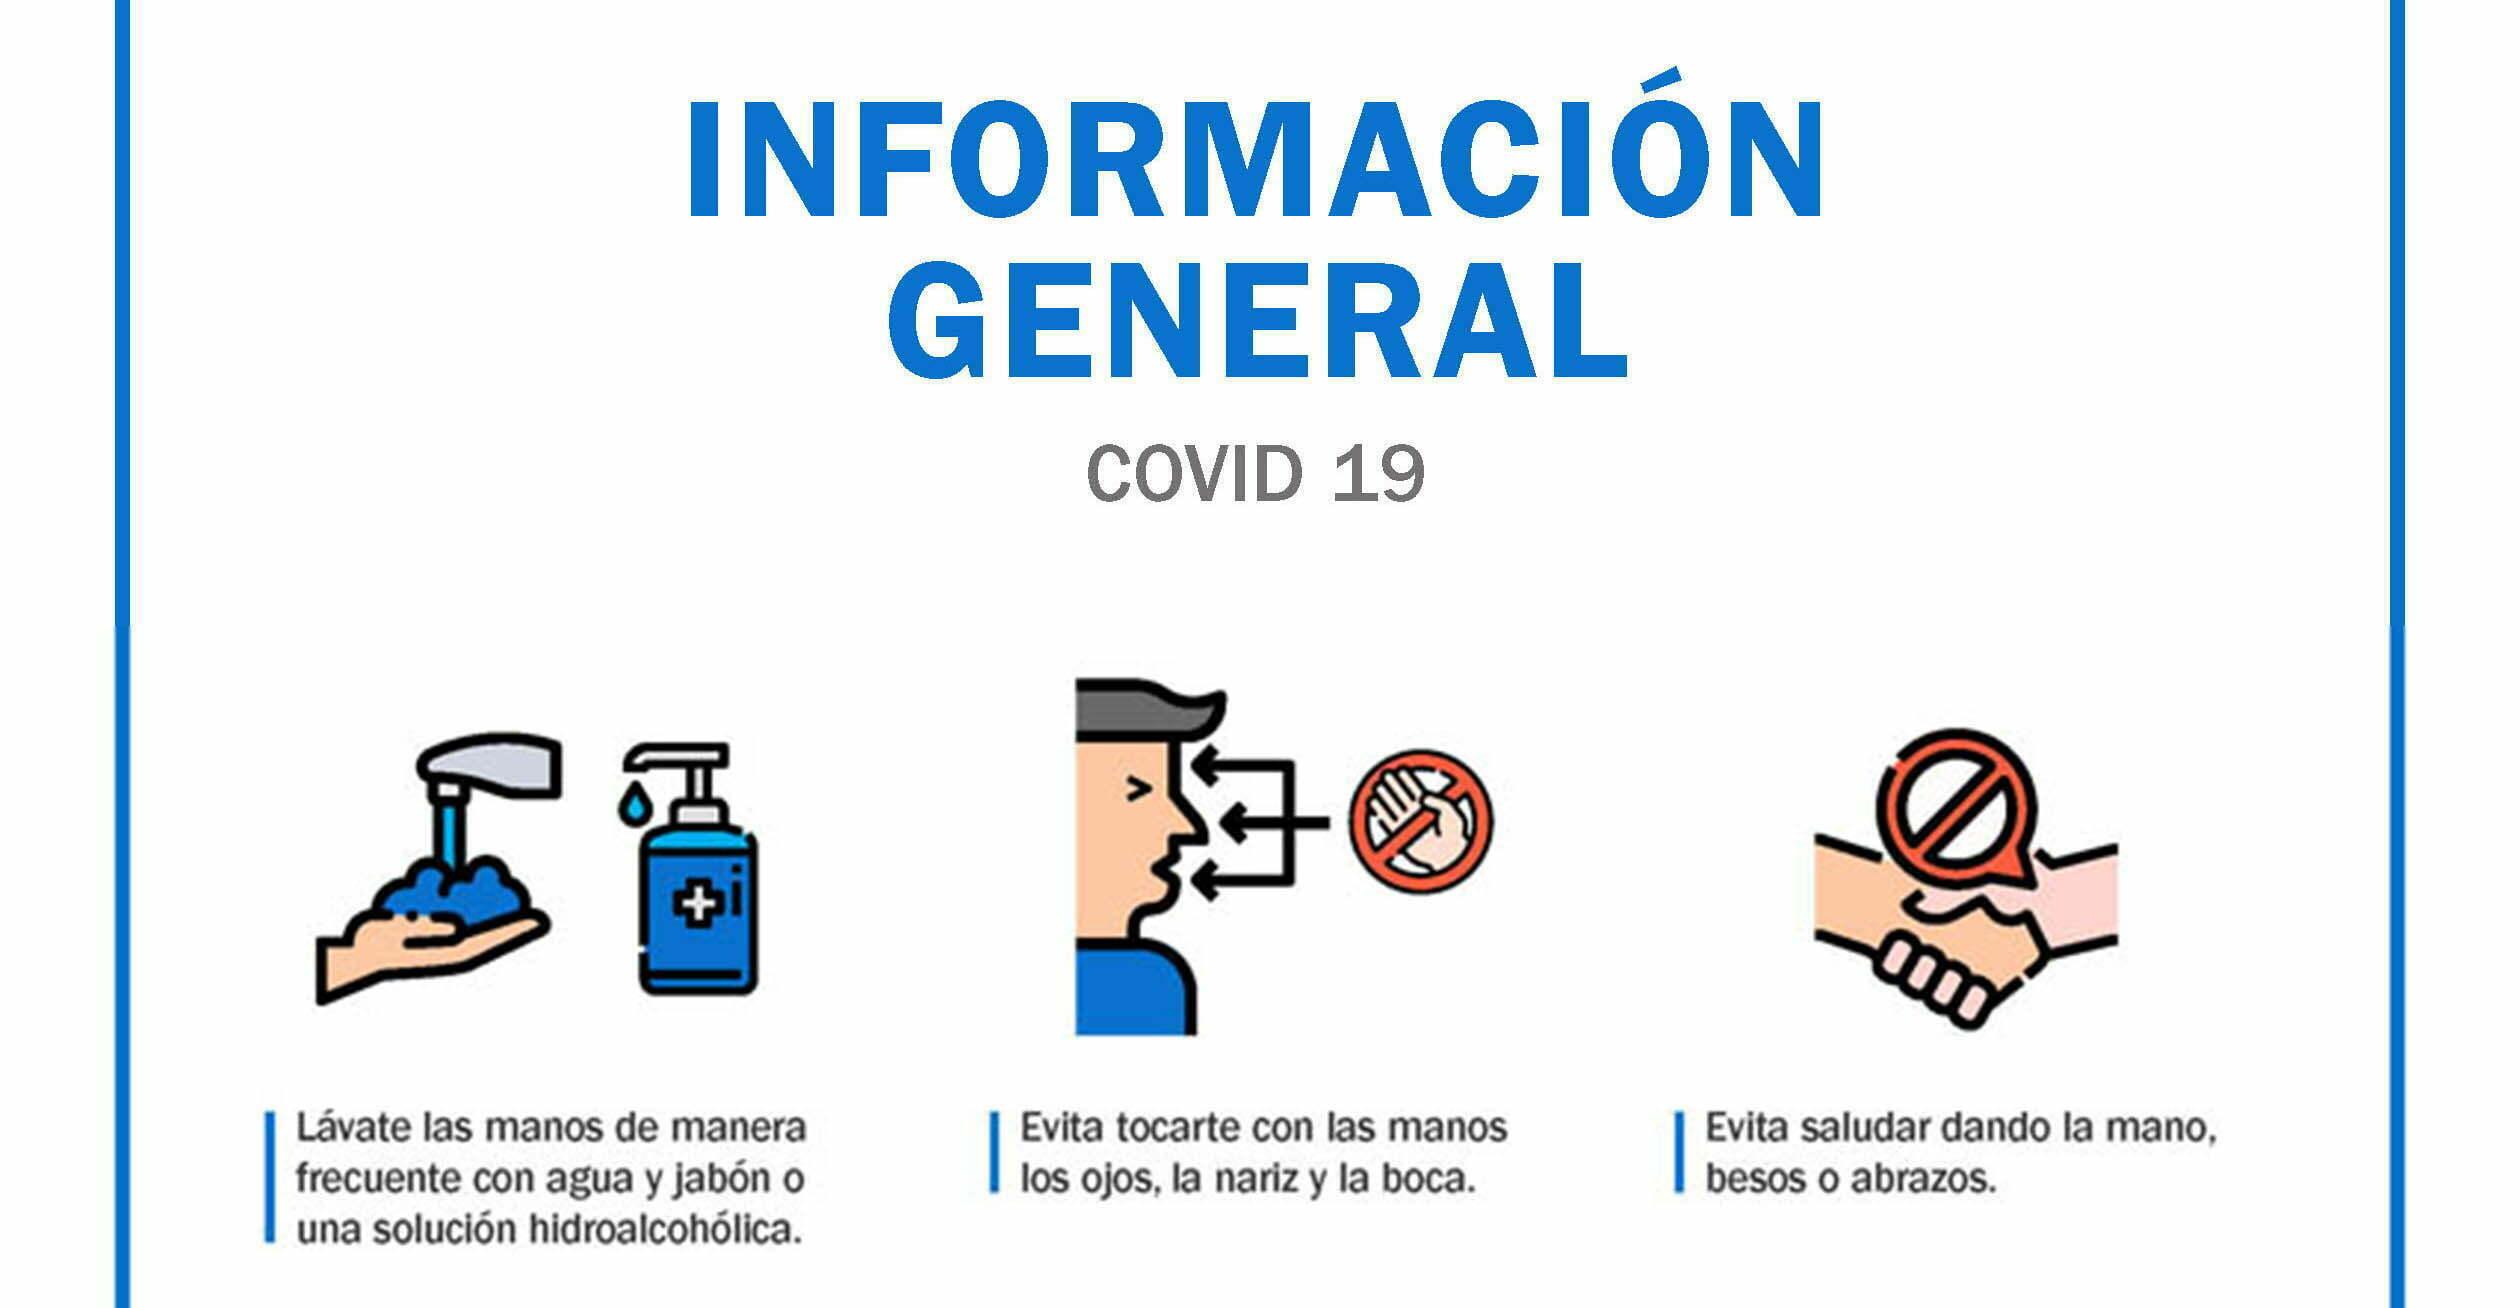 normas especificas covid-19 upm